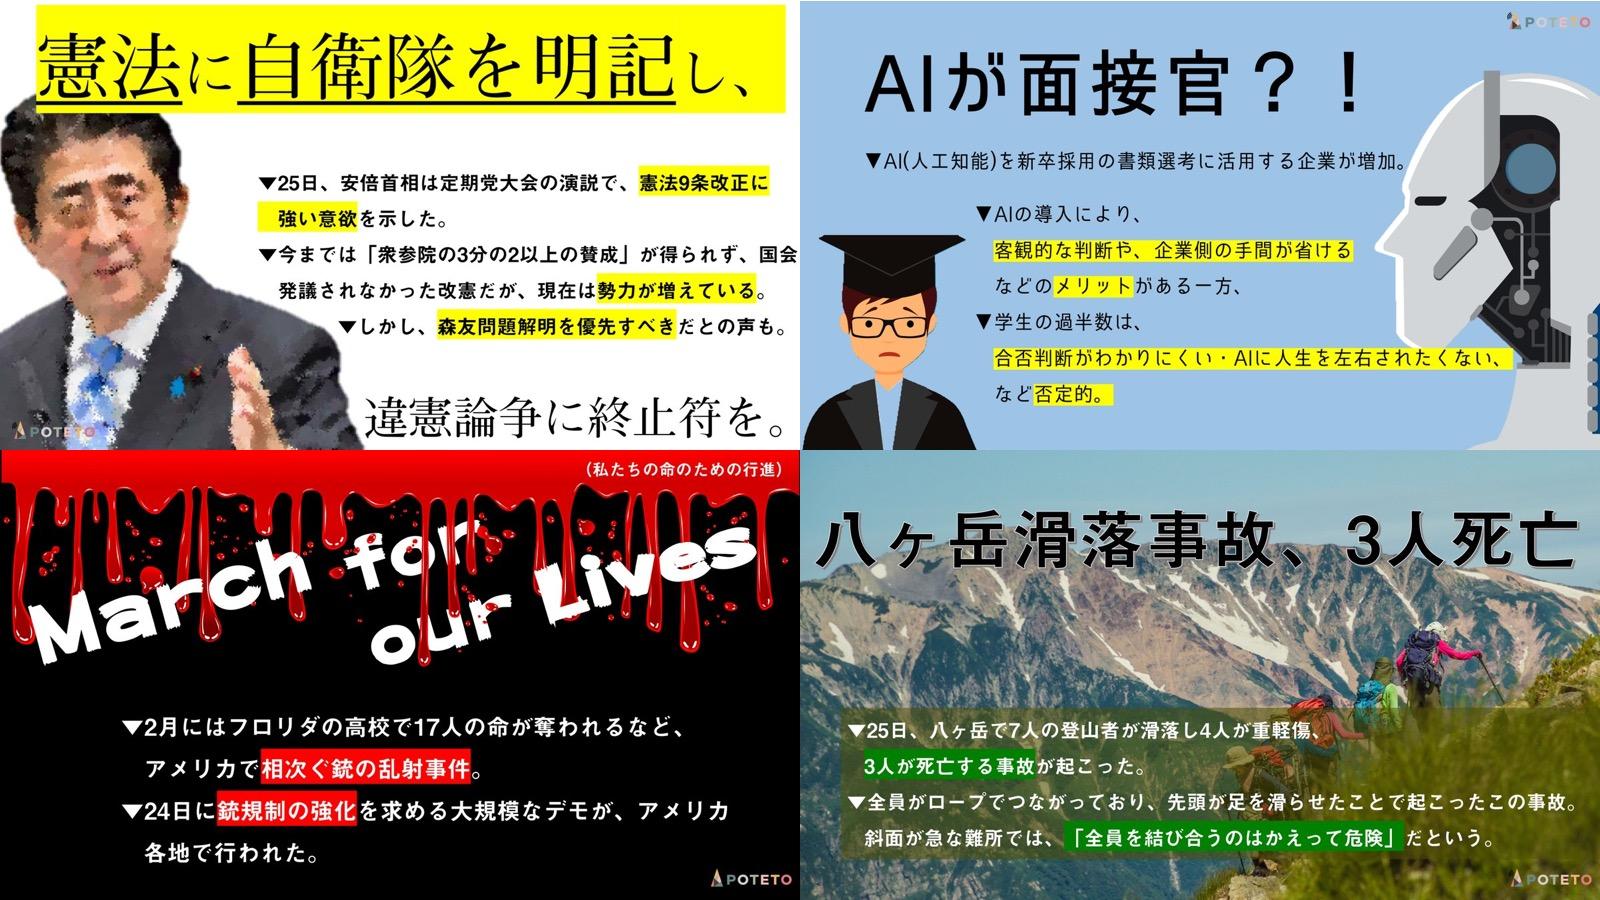 21 1 - 読売新聞のイチメンニュース